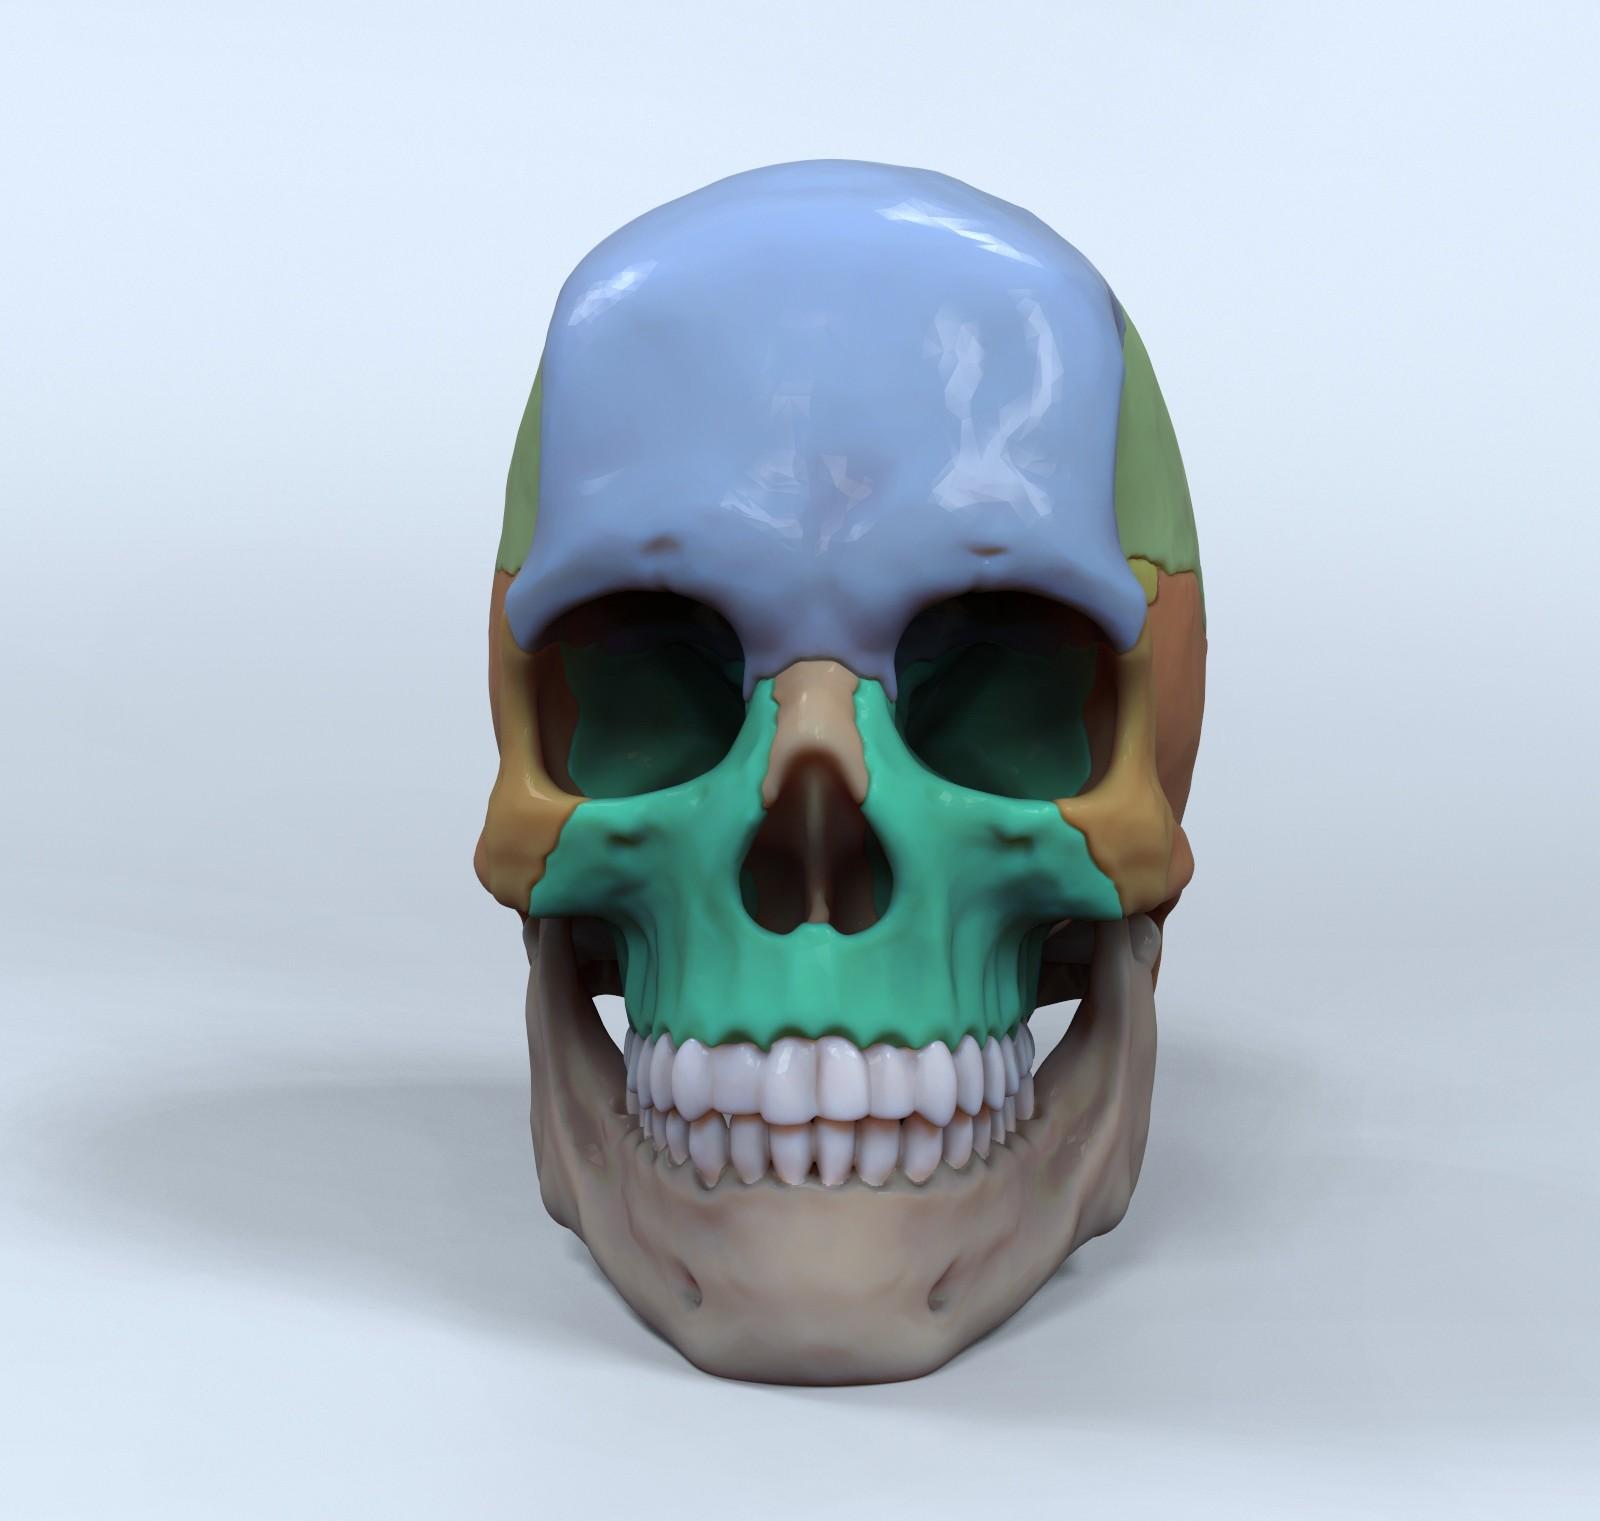 Hector moran skull renders 1